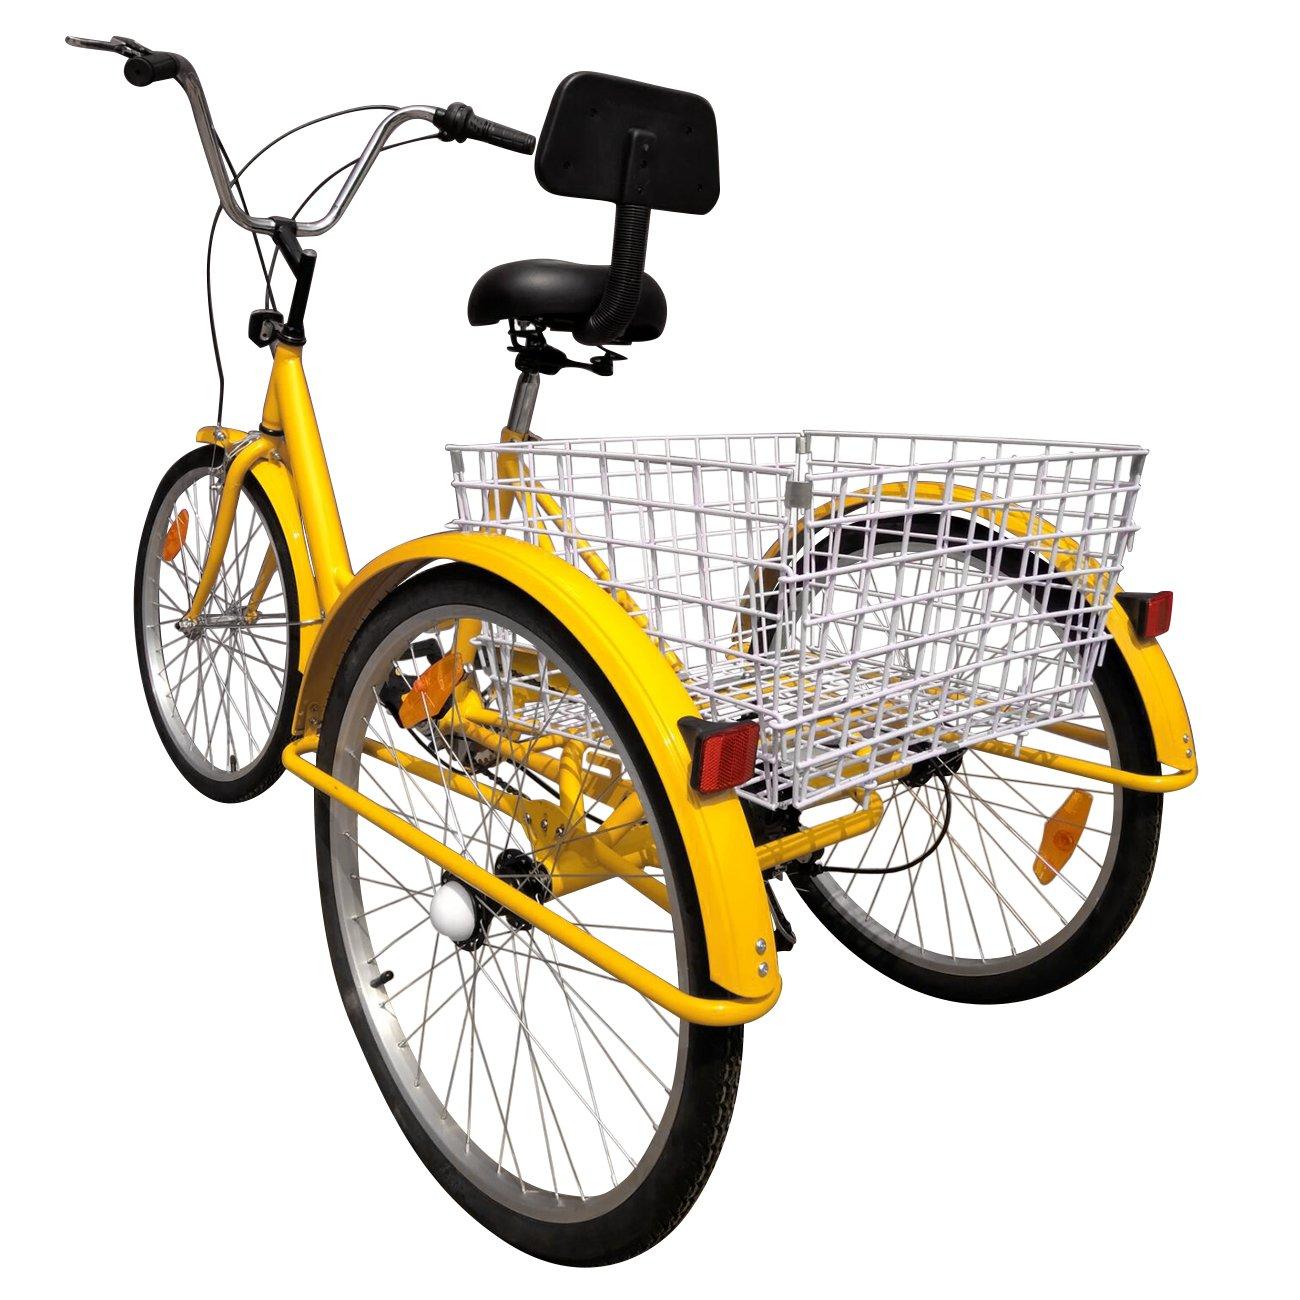 IglobalbuyYellow 24-Inch 6-Speed Adult Tricycle Trike 3-Wheel Bike Cruise Bike with Basket by Iglobalbuy (Image #3)